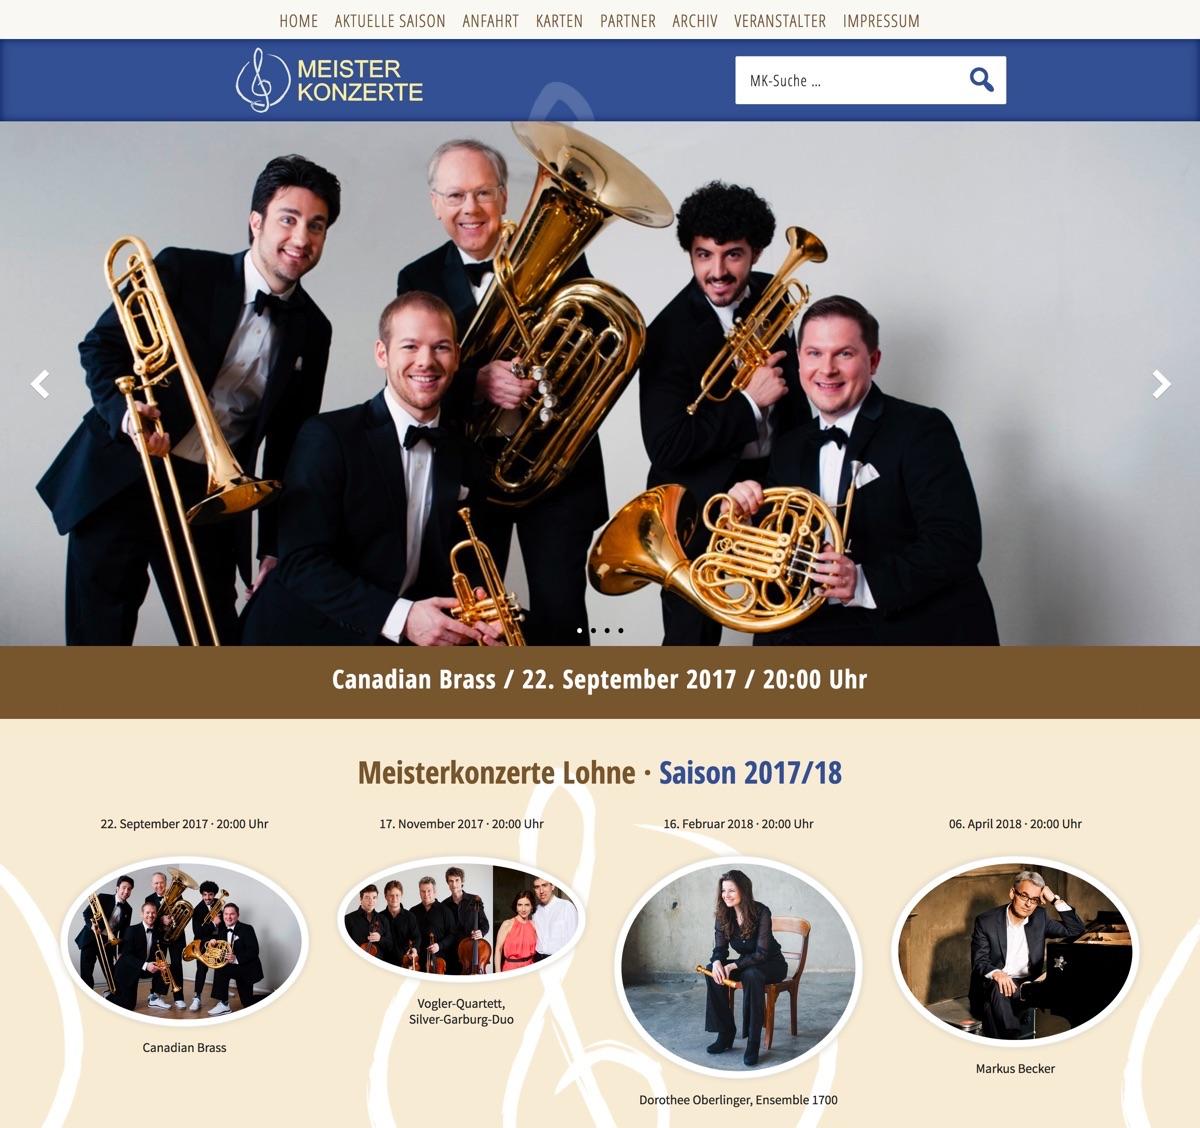 Meisterkonzerte Lohne